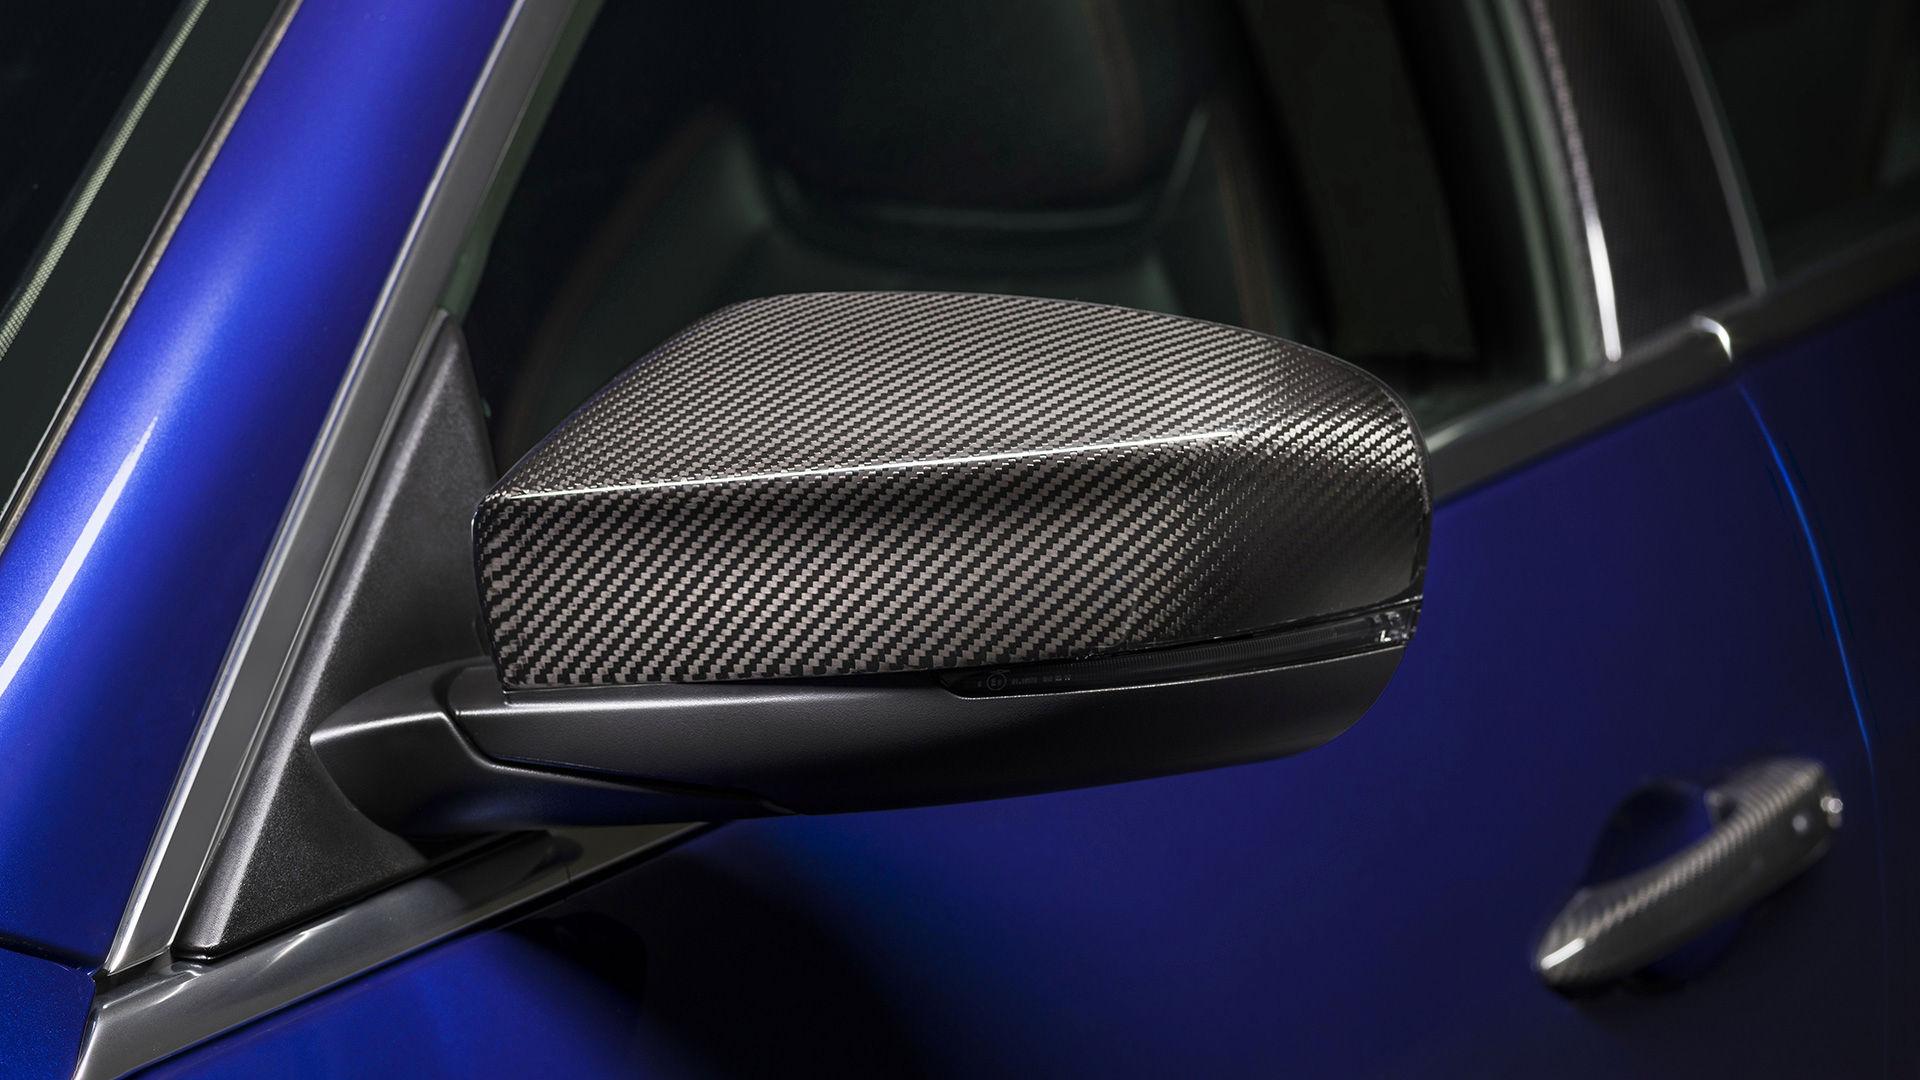 Maserati Ghibli - Exterieur - Blau - Seitenspiegel - Nerrissimo Carbon Spiegel